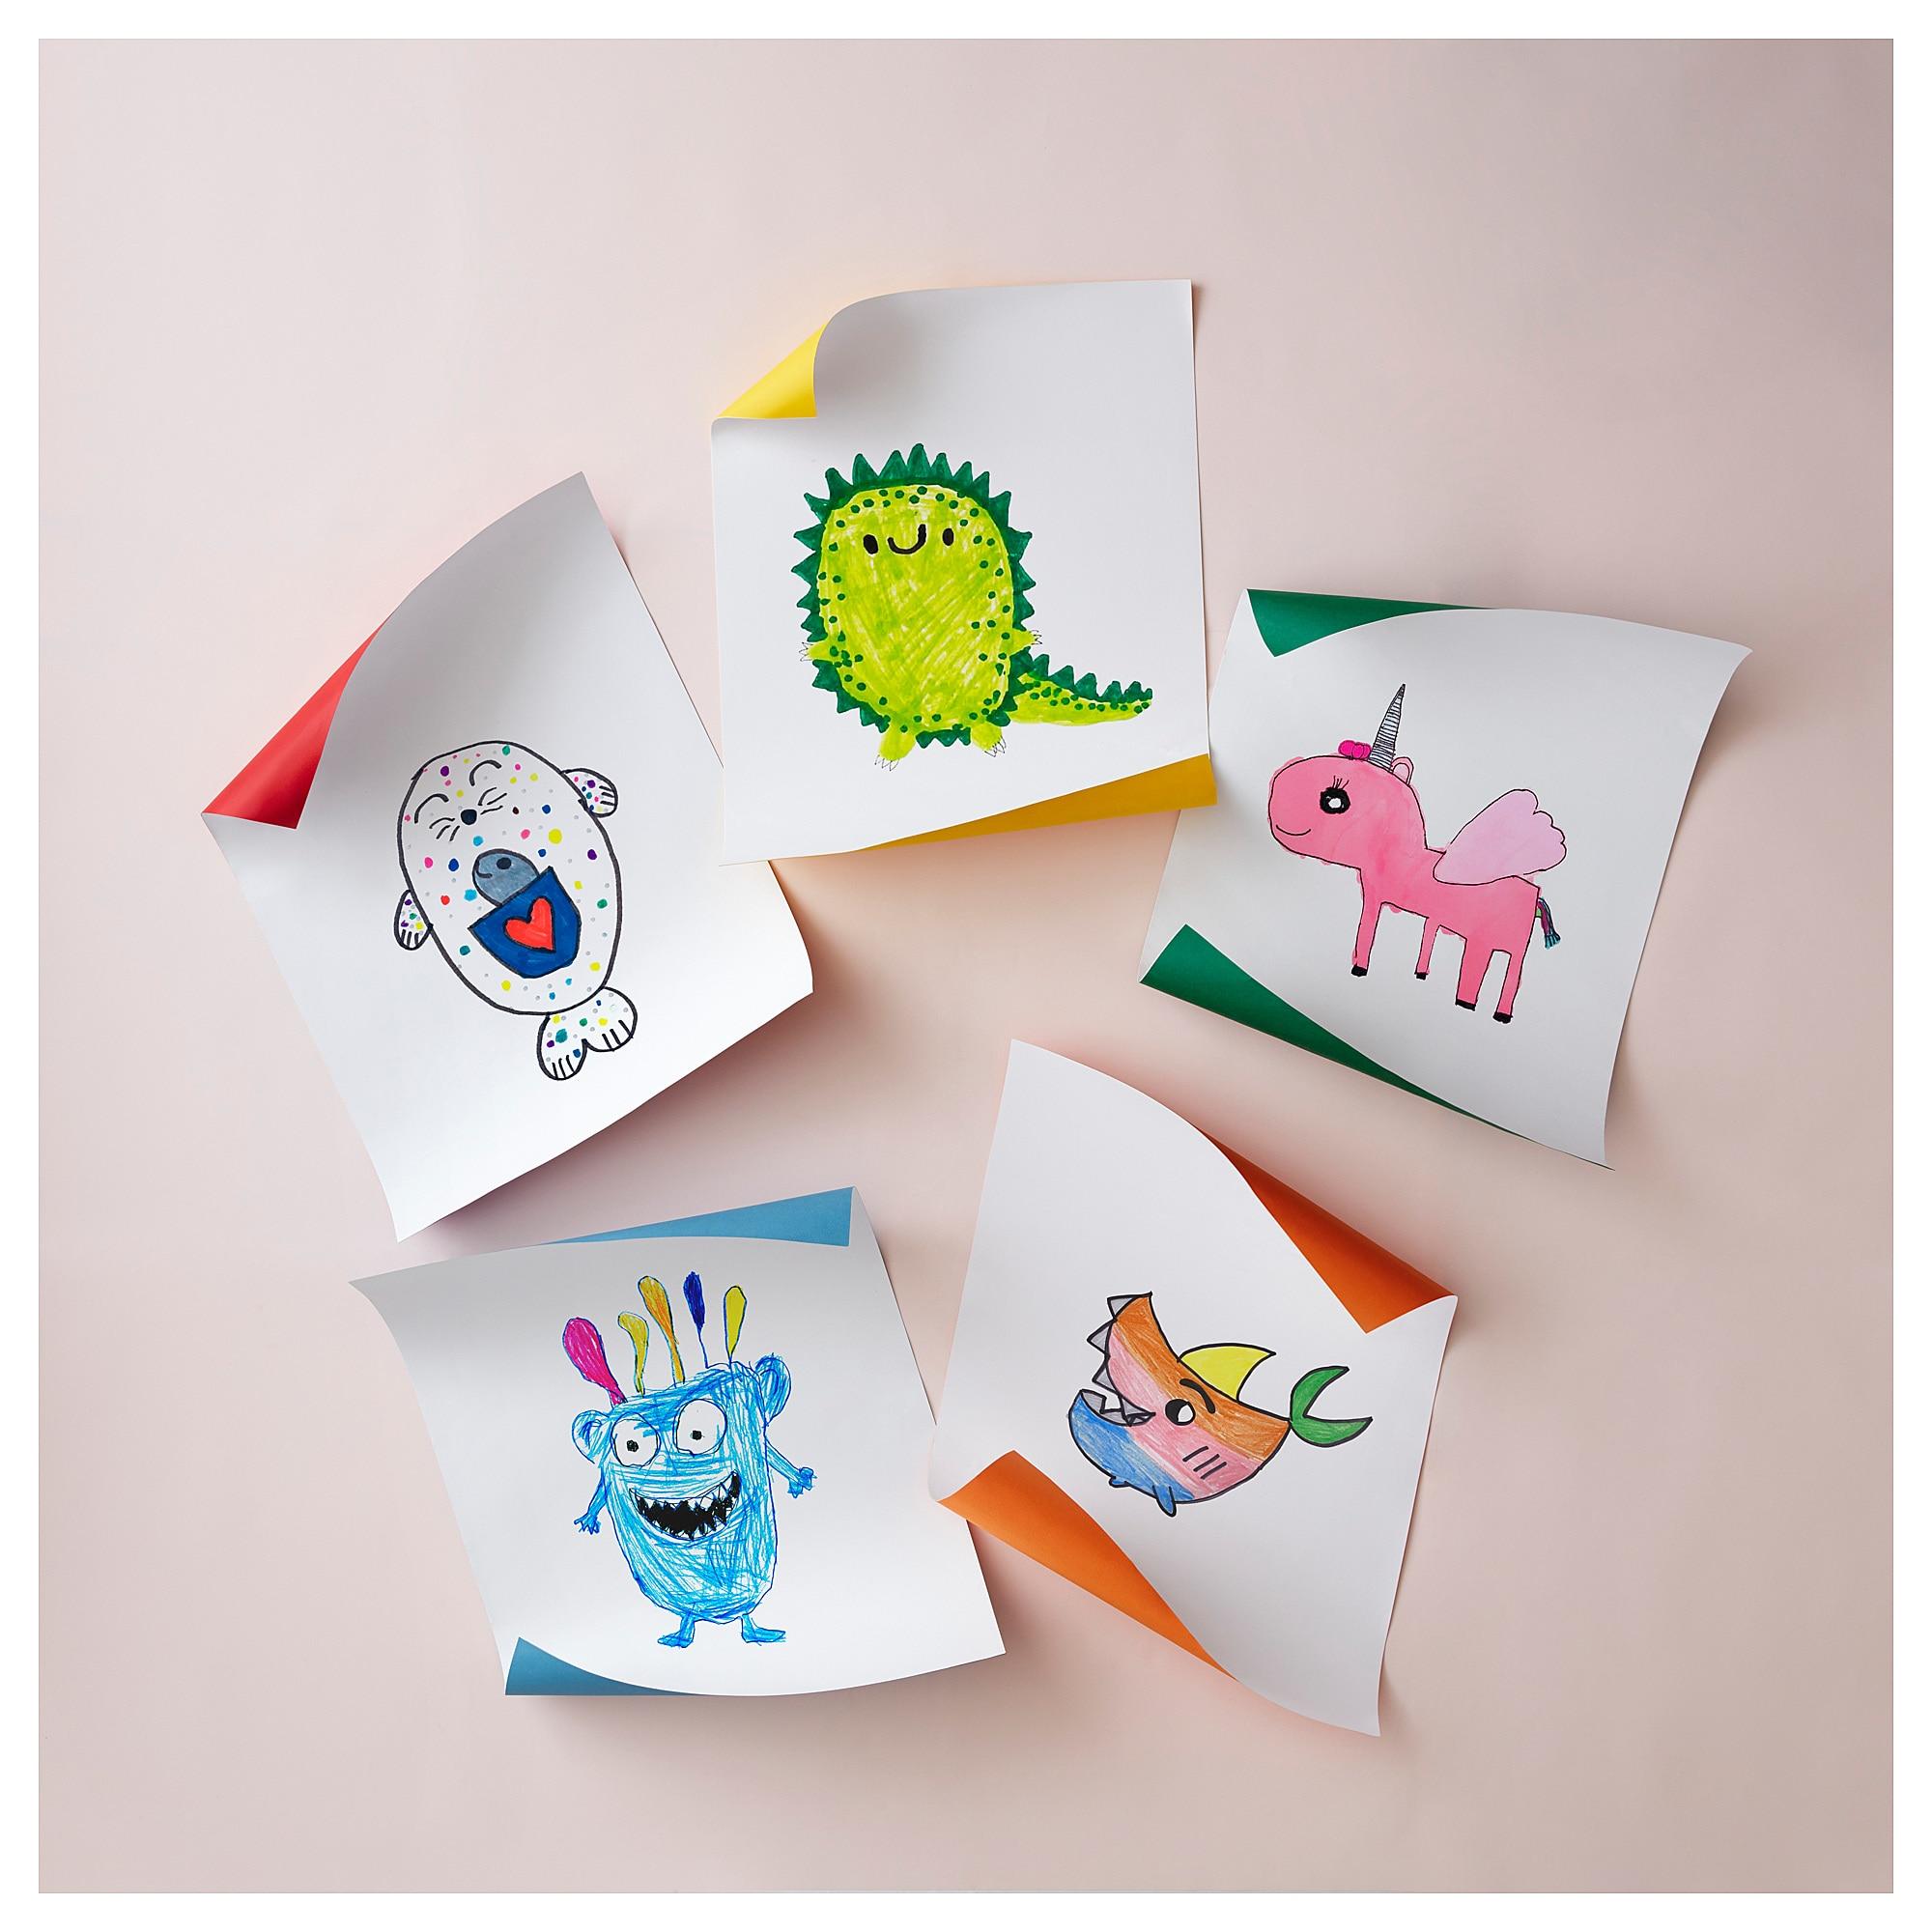 Мягкая игрушка САГОСКАТТ артикуль № 004.093.72 в наличии. Интернет магазин IKEA Минск. Быстрая доставка и монтаж.